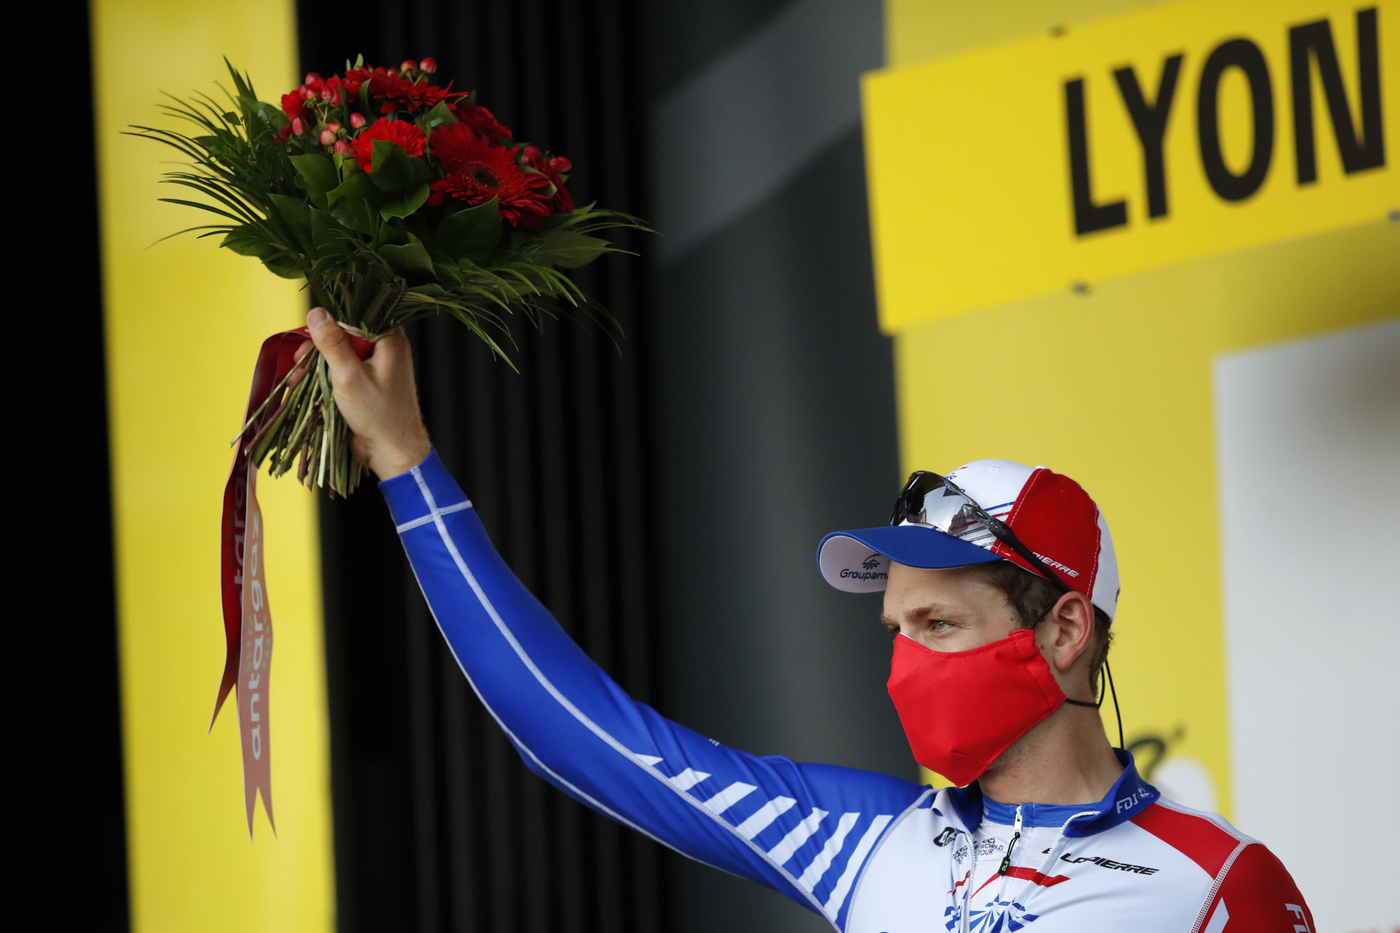 Ciclismo, Stefan Kueng vince il Campionato Svizzero. Trionfo con 5 minuti di vantaggio!